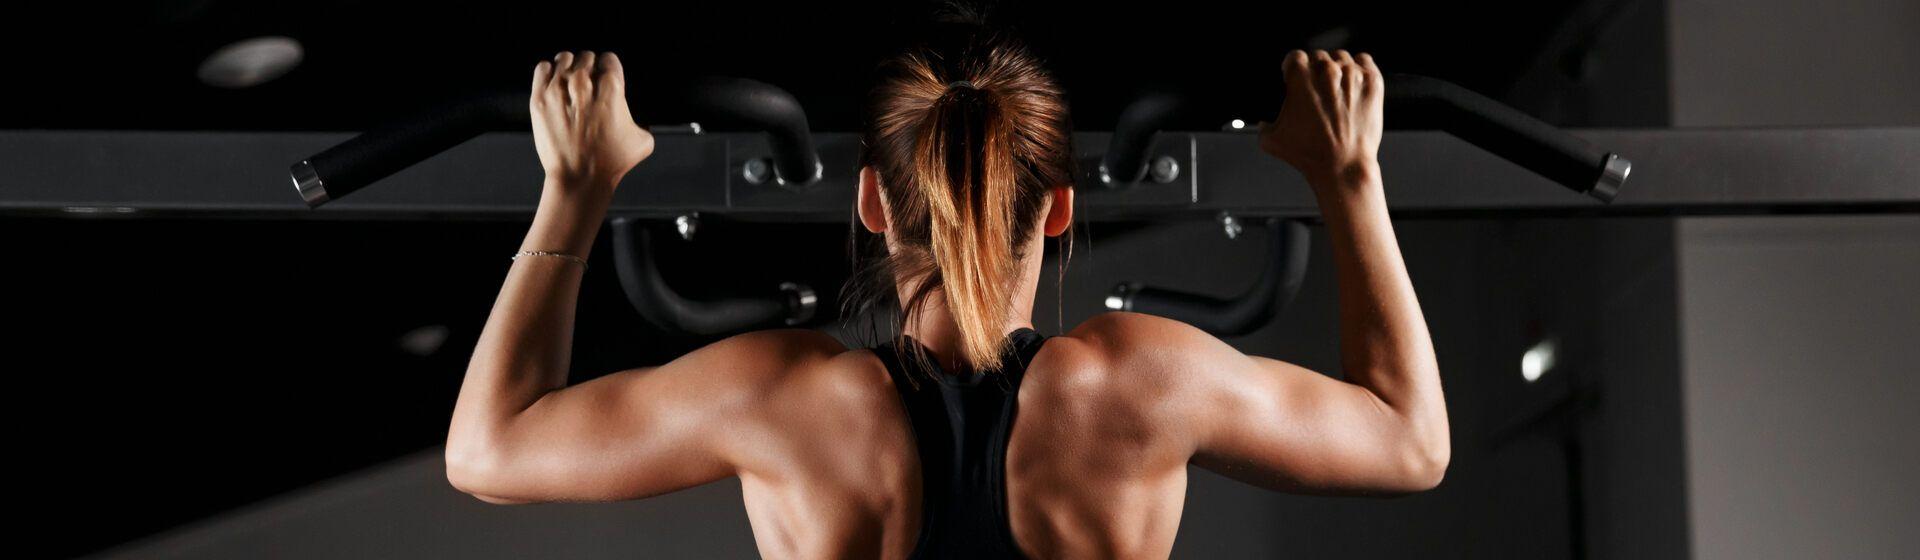 Barra de musculação: quais os tipos e como escolher a melhor para você